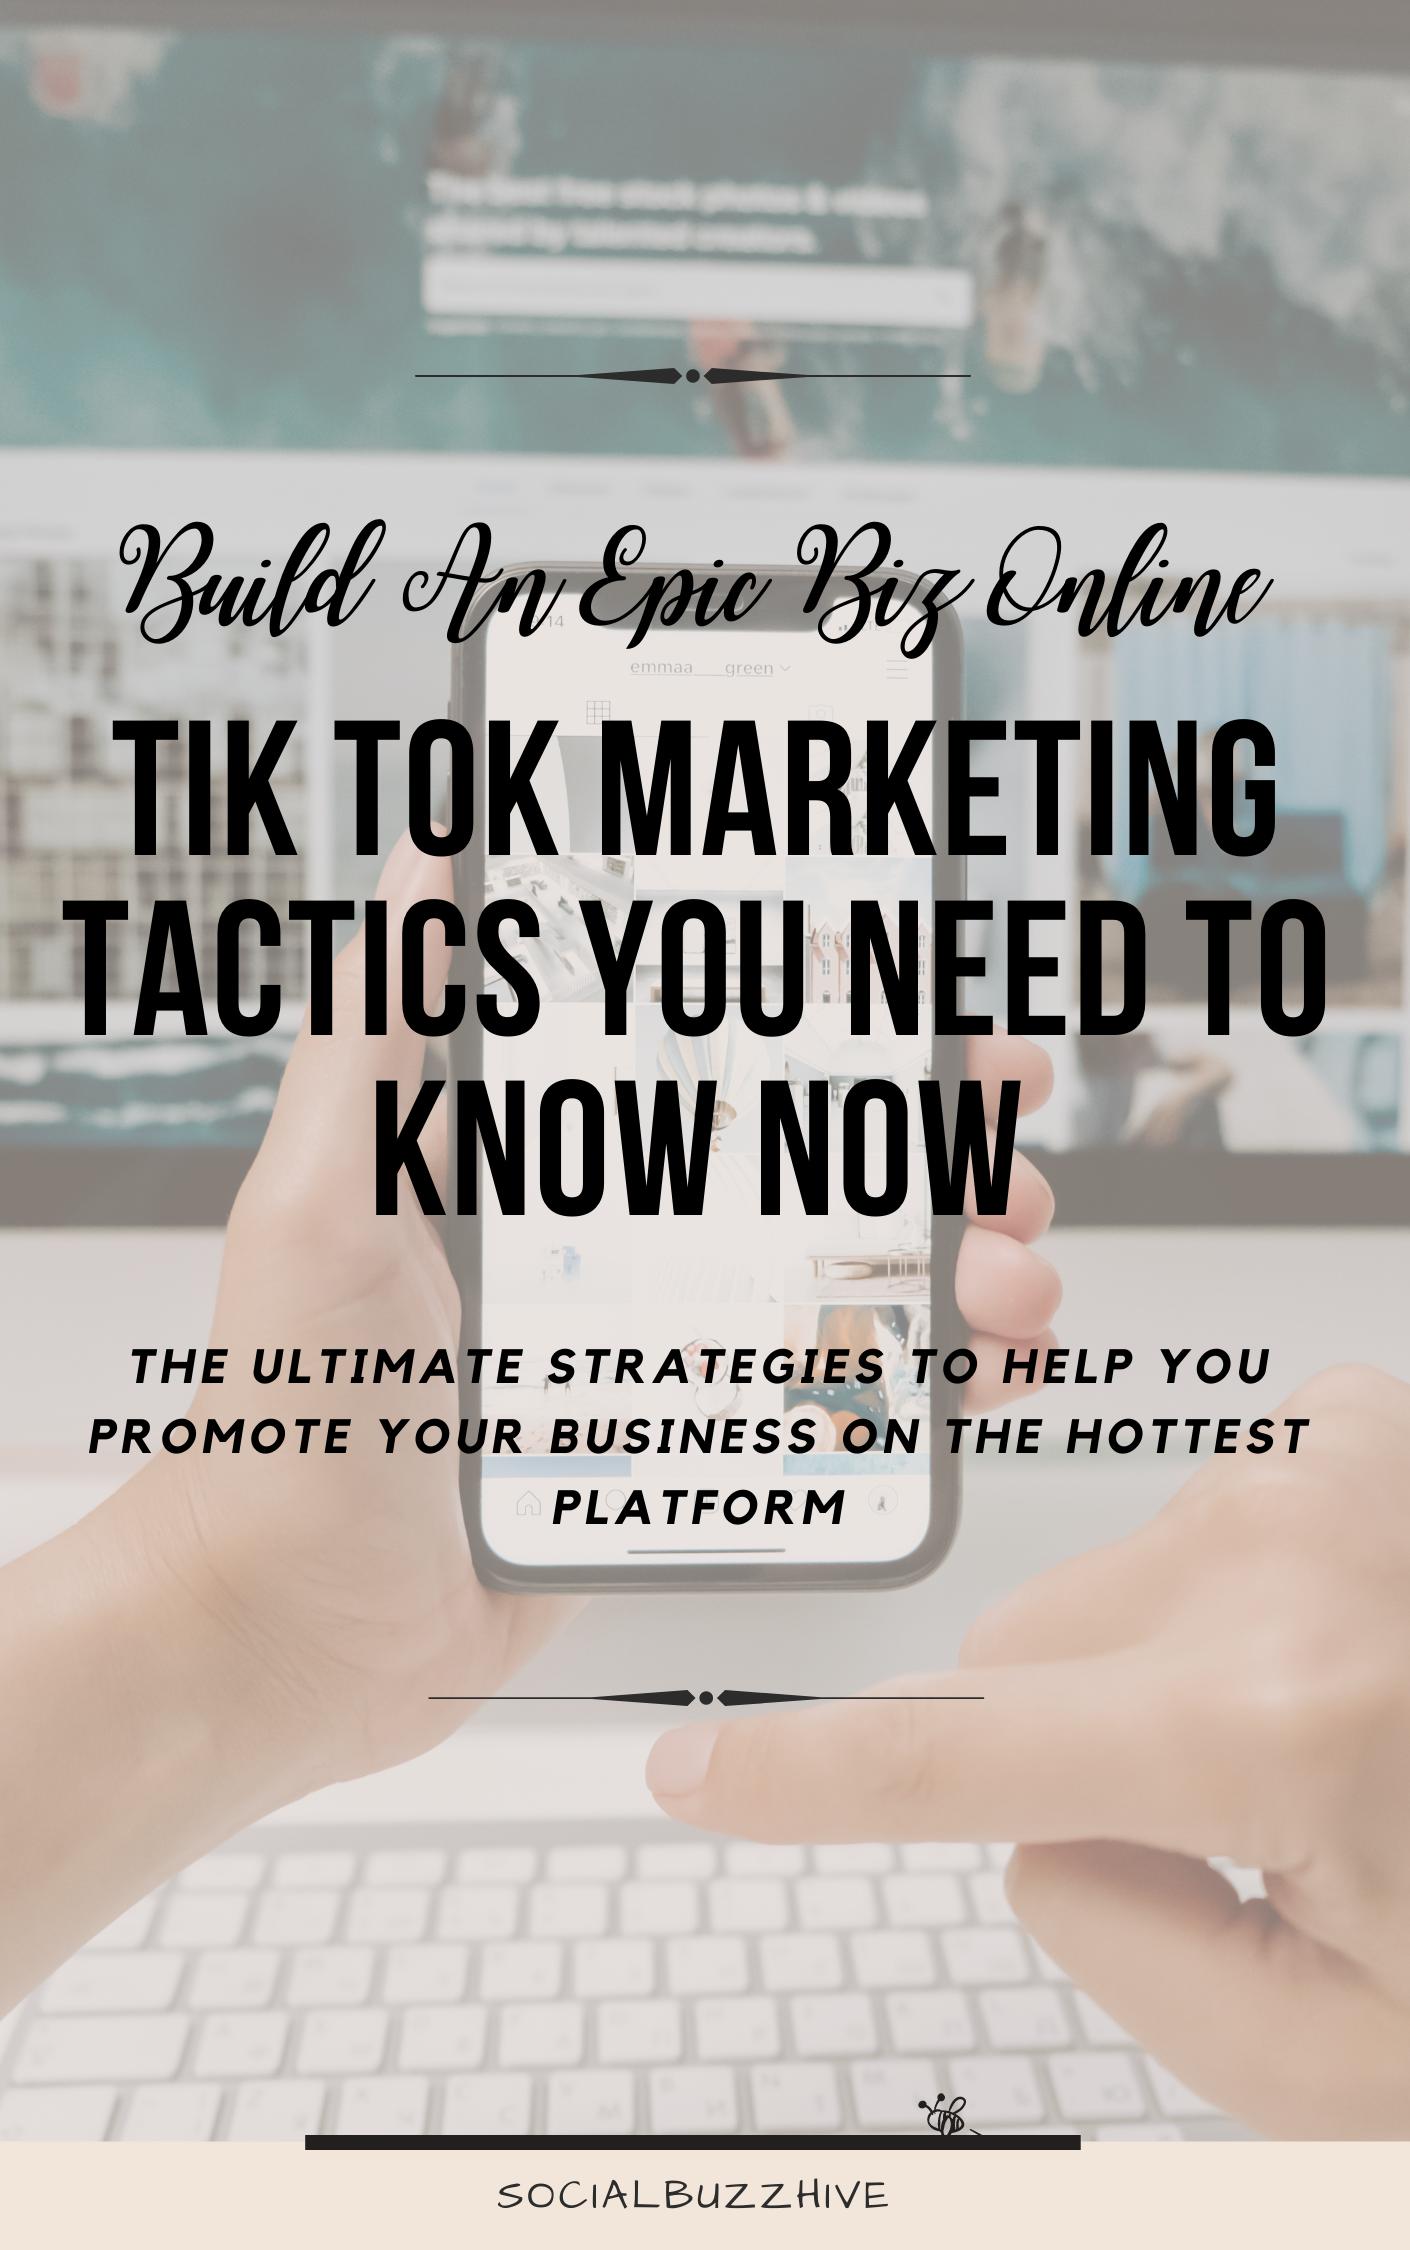 tik tok marketing tactics